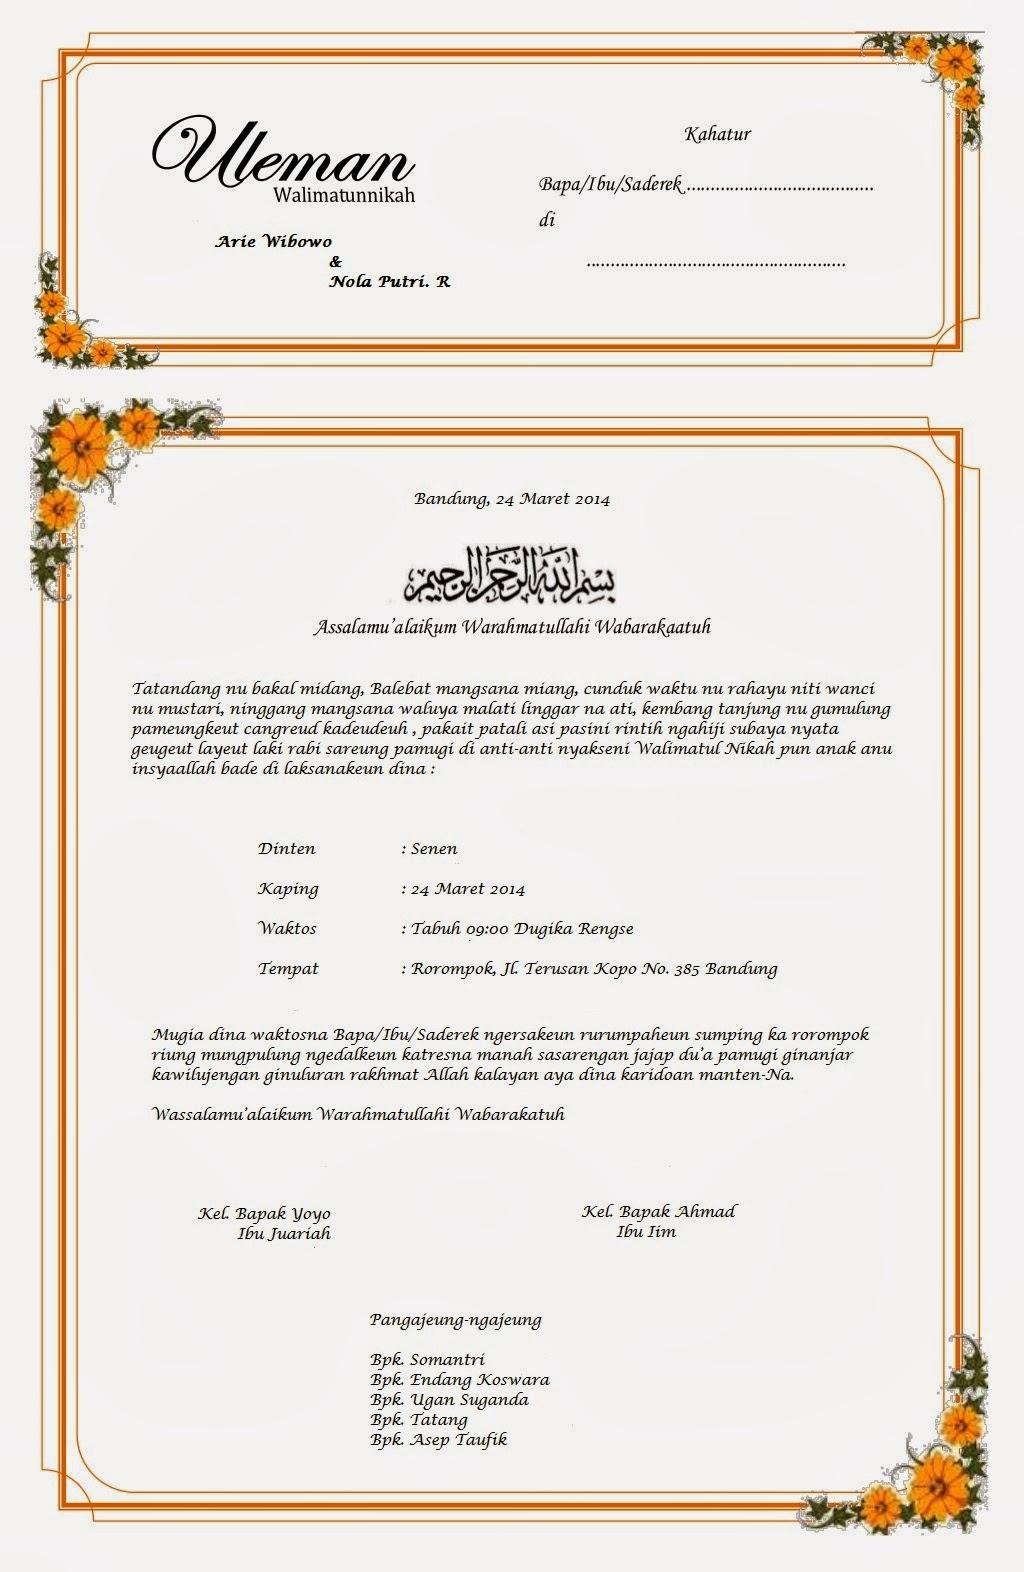 Surat undangan bahasa sunda